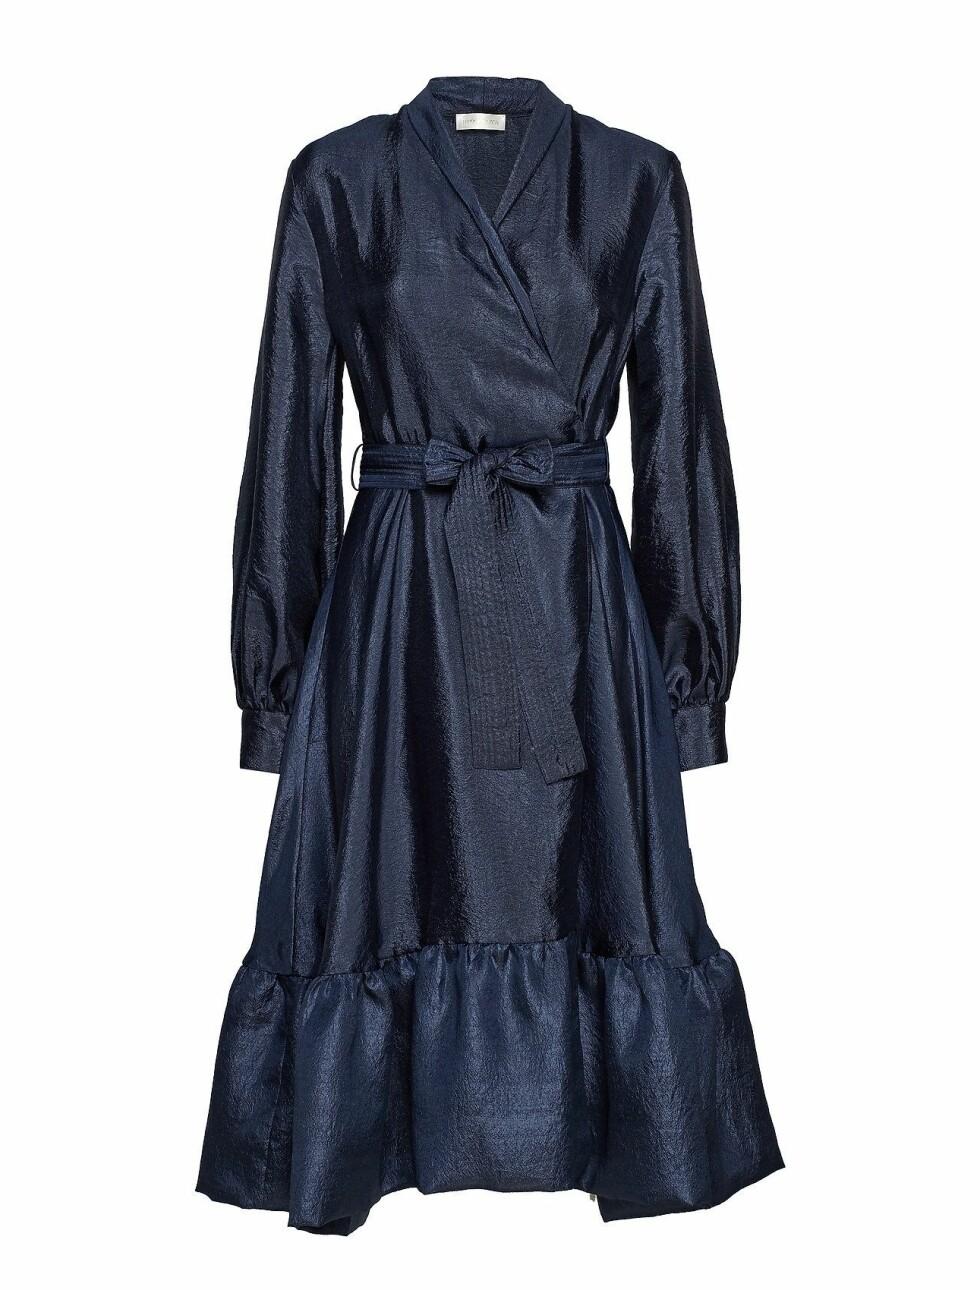 Kjole fra Stine Goya |2600,-| https://www.boozt.com/no/no/stine-goya/niki-472-shiny-midnight_18728148/18728158?path=67362&navId=67362&sNavId=67453&group=listing&position=1000000